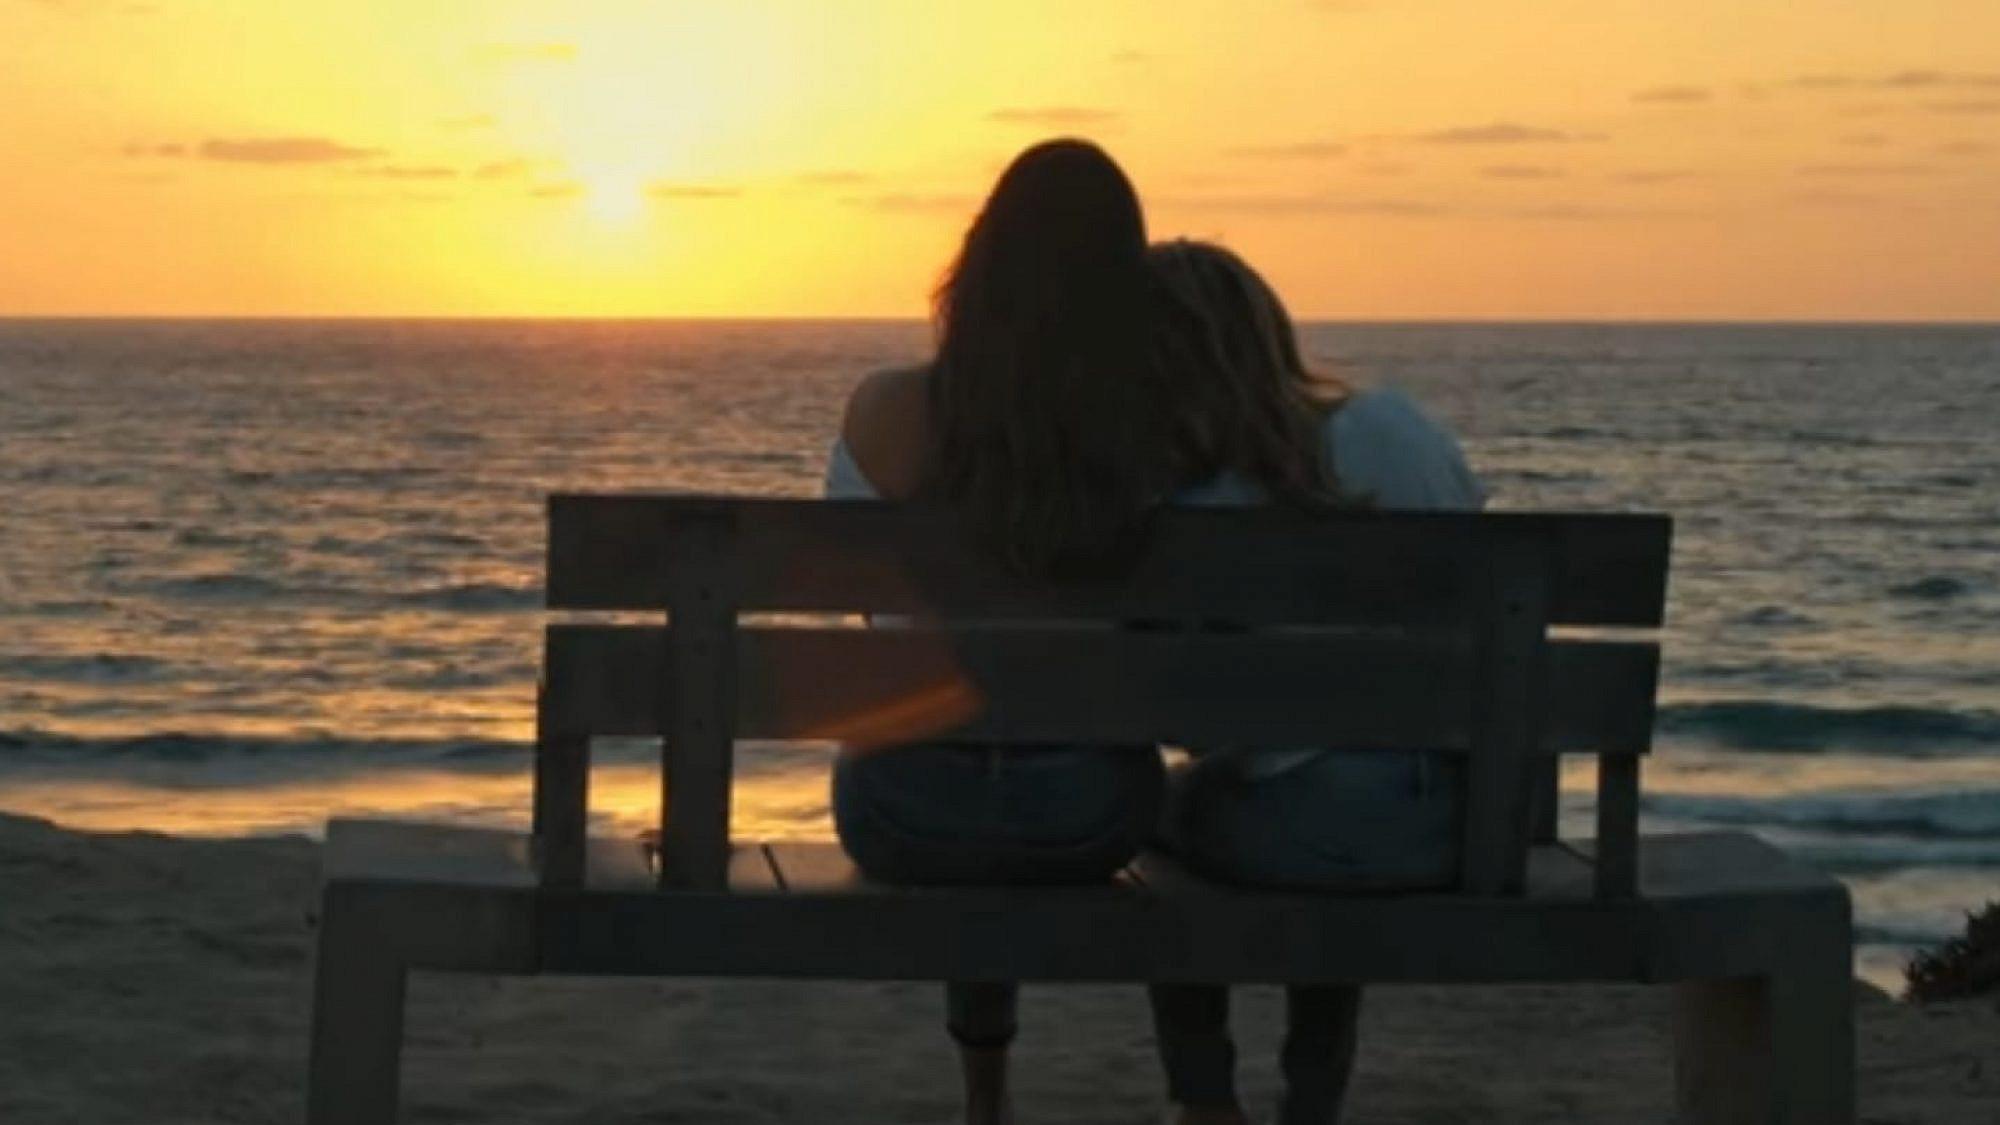 מתוך הקליפ של שרית חדד 'אהבה כמו שלנו'